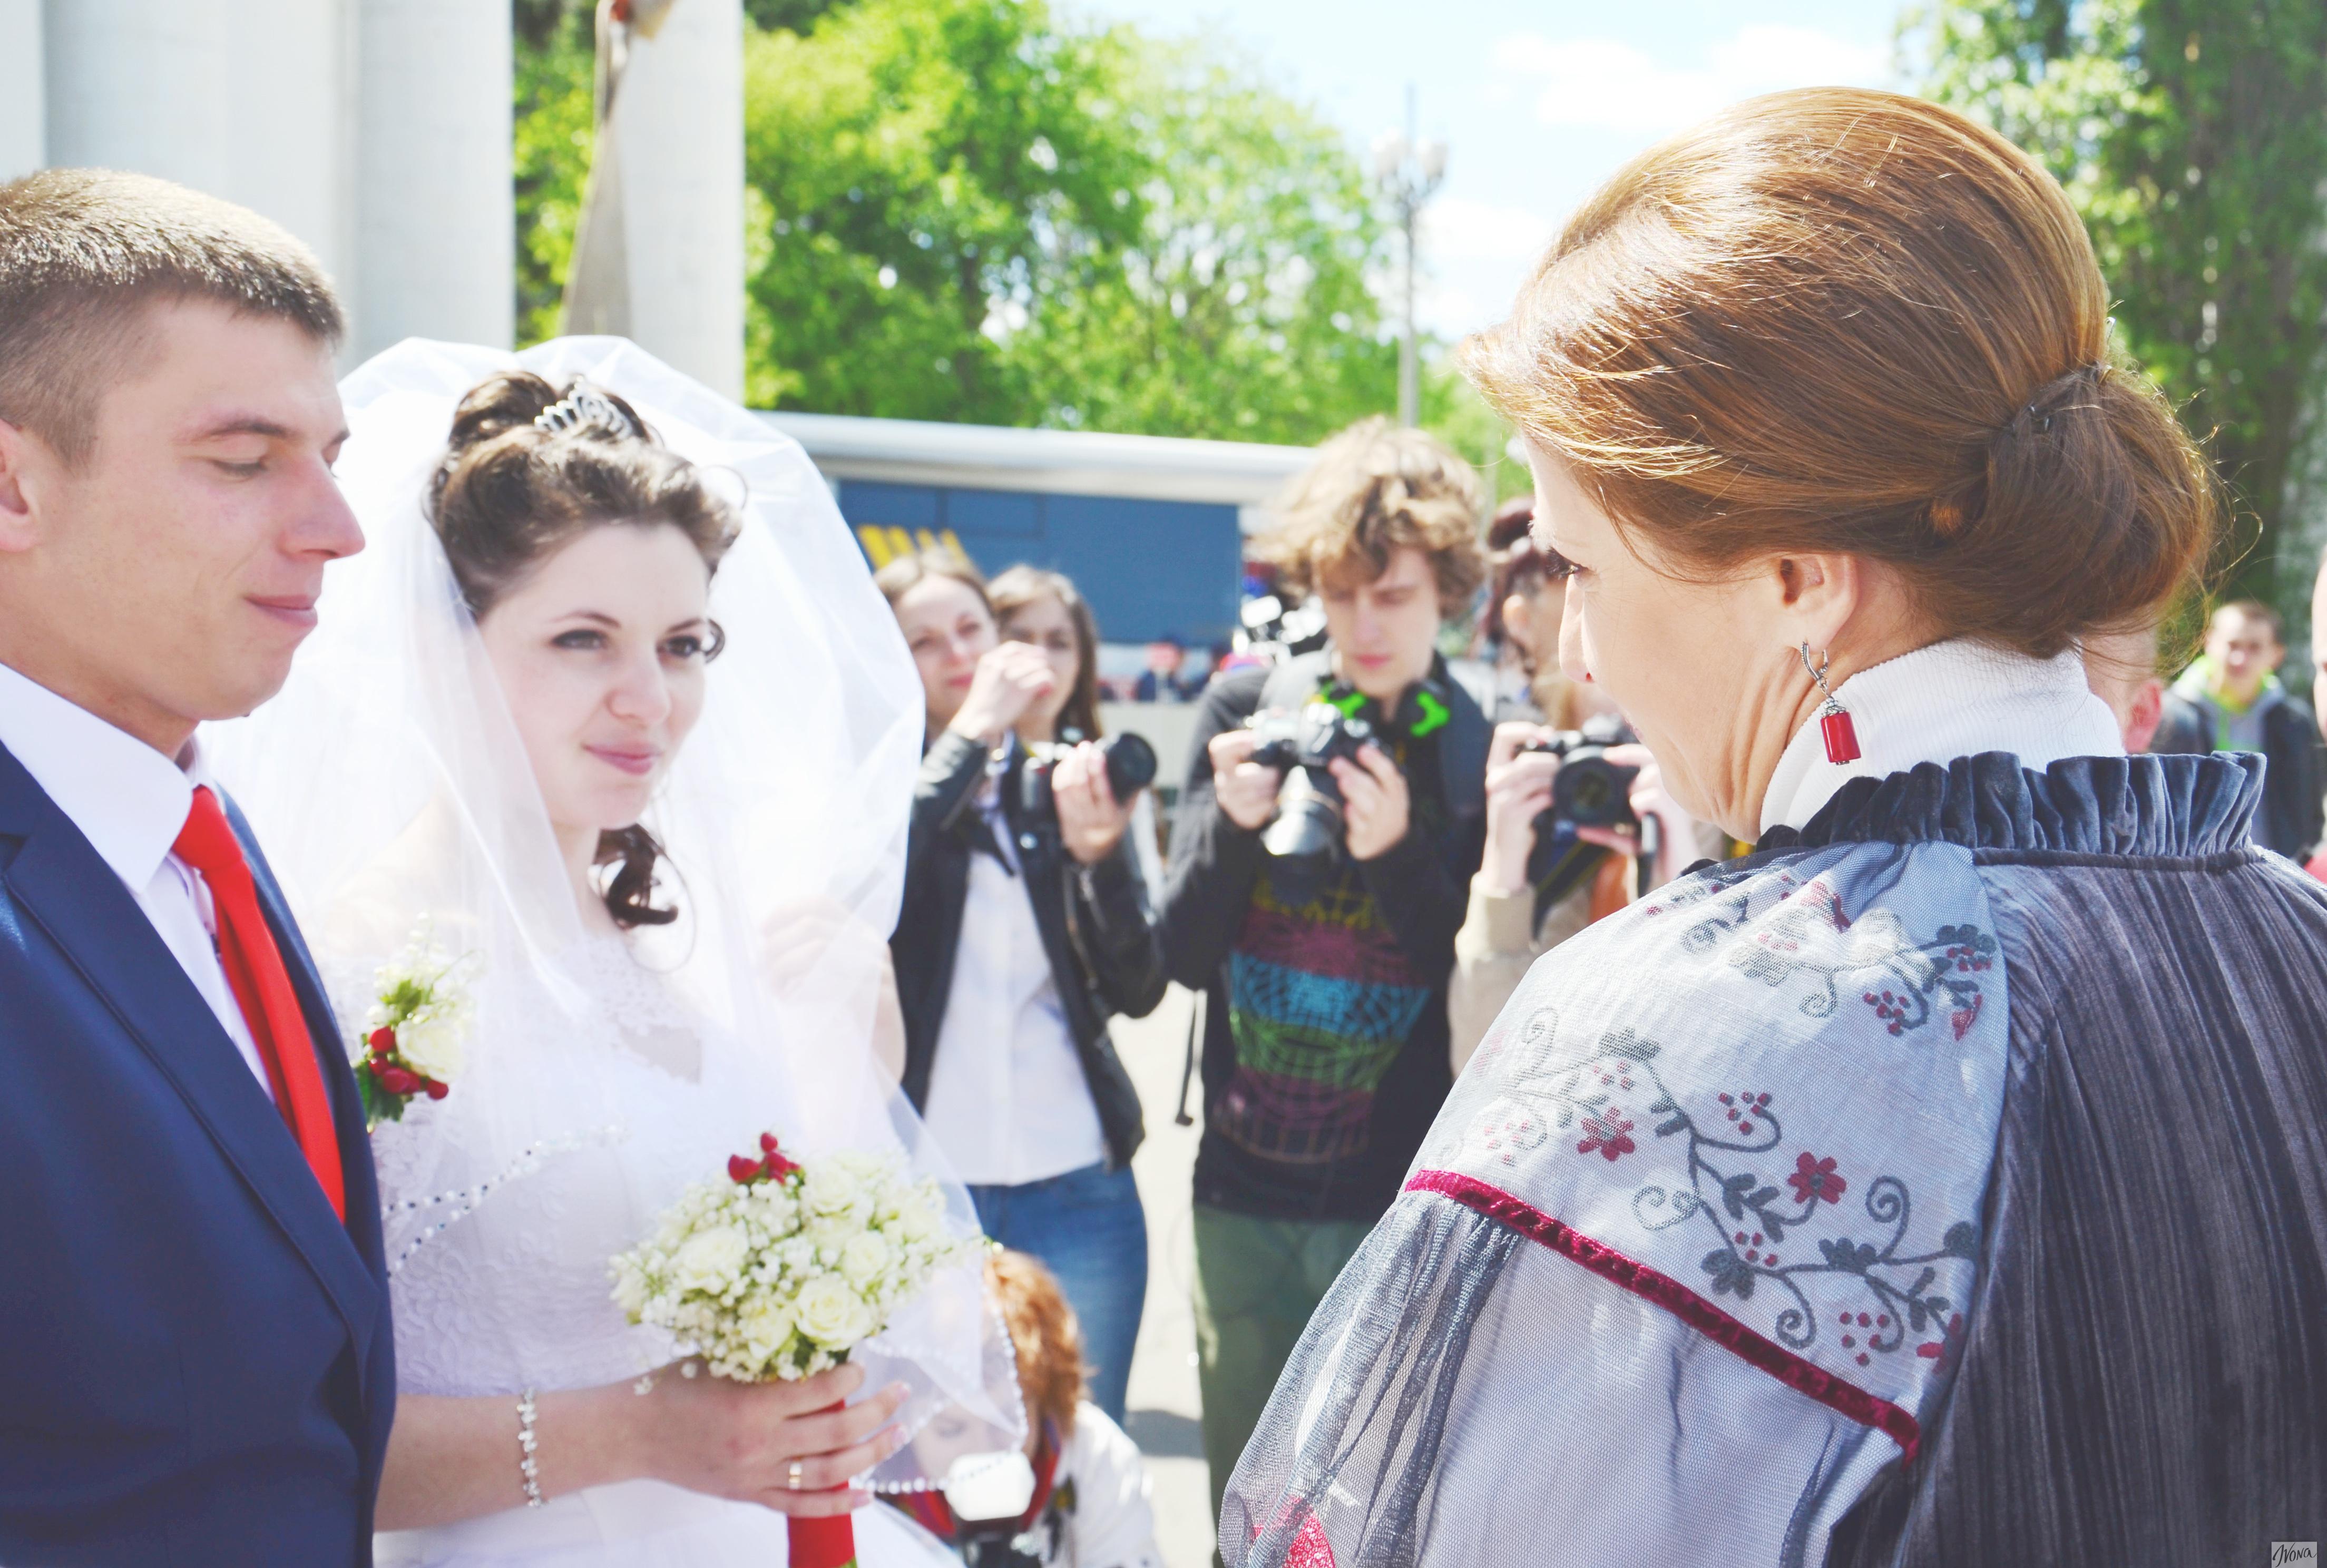 Марина Порошенко лично поздравила пару молодоженов со свадьбой